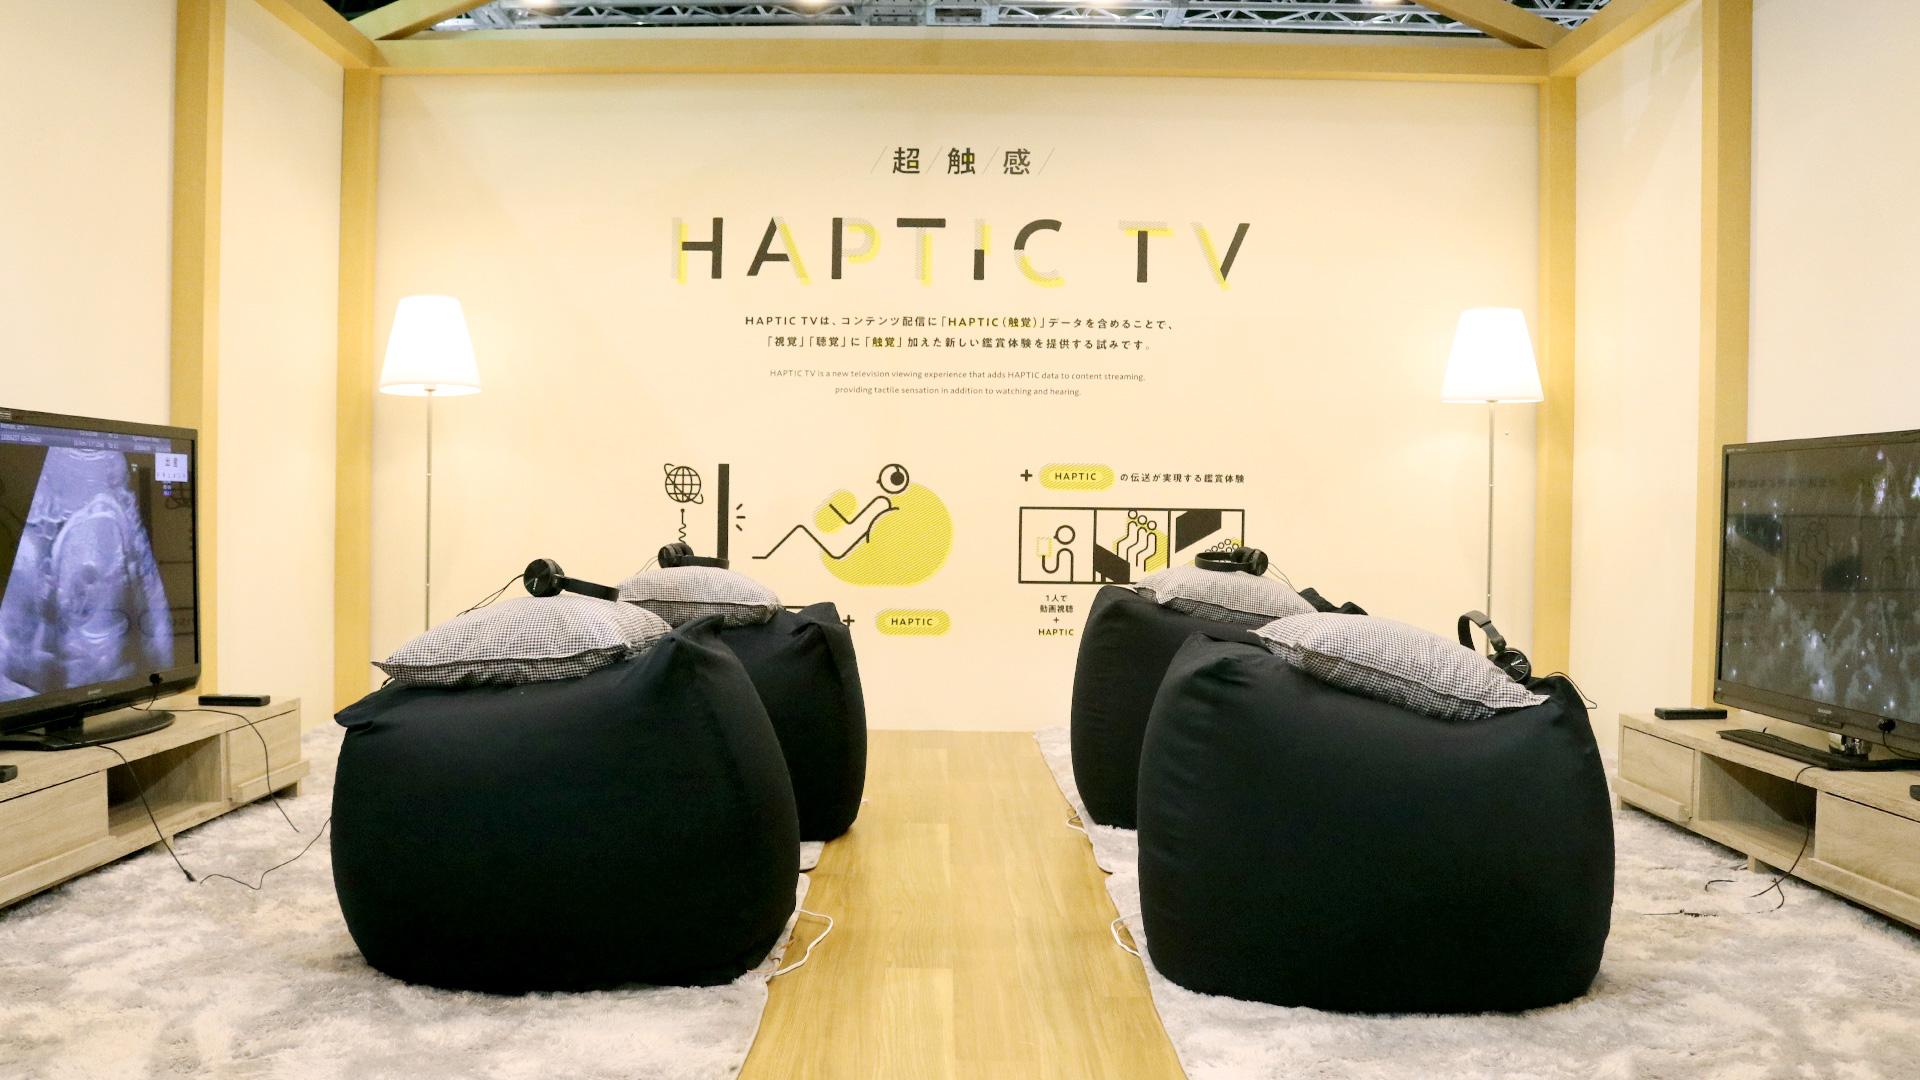 HAPTIC TV